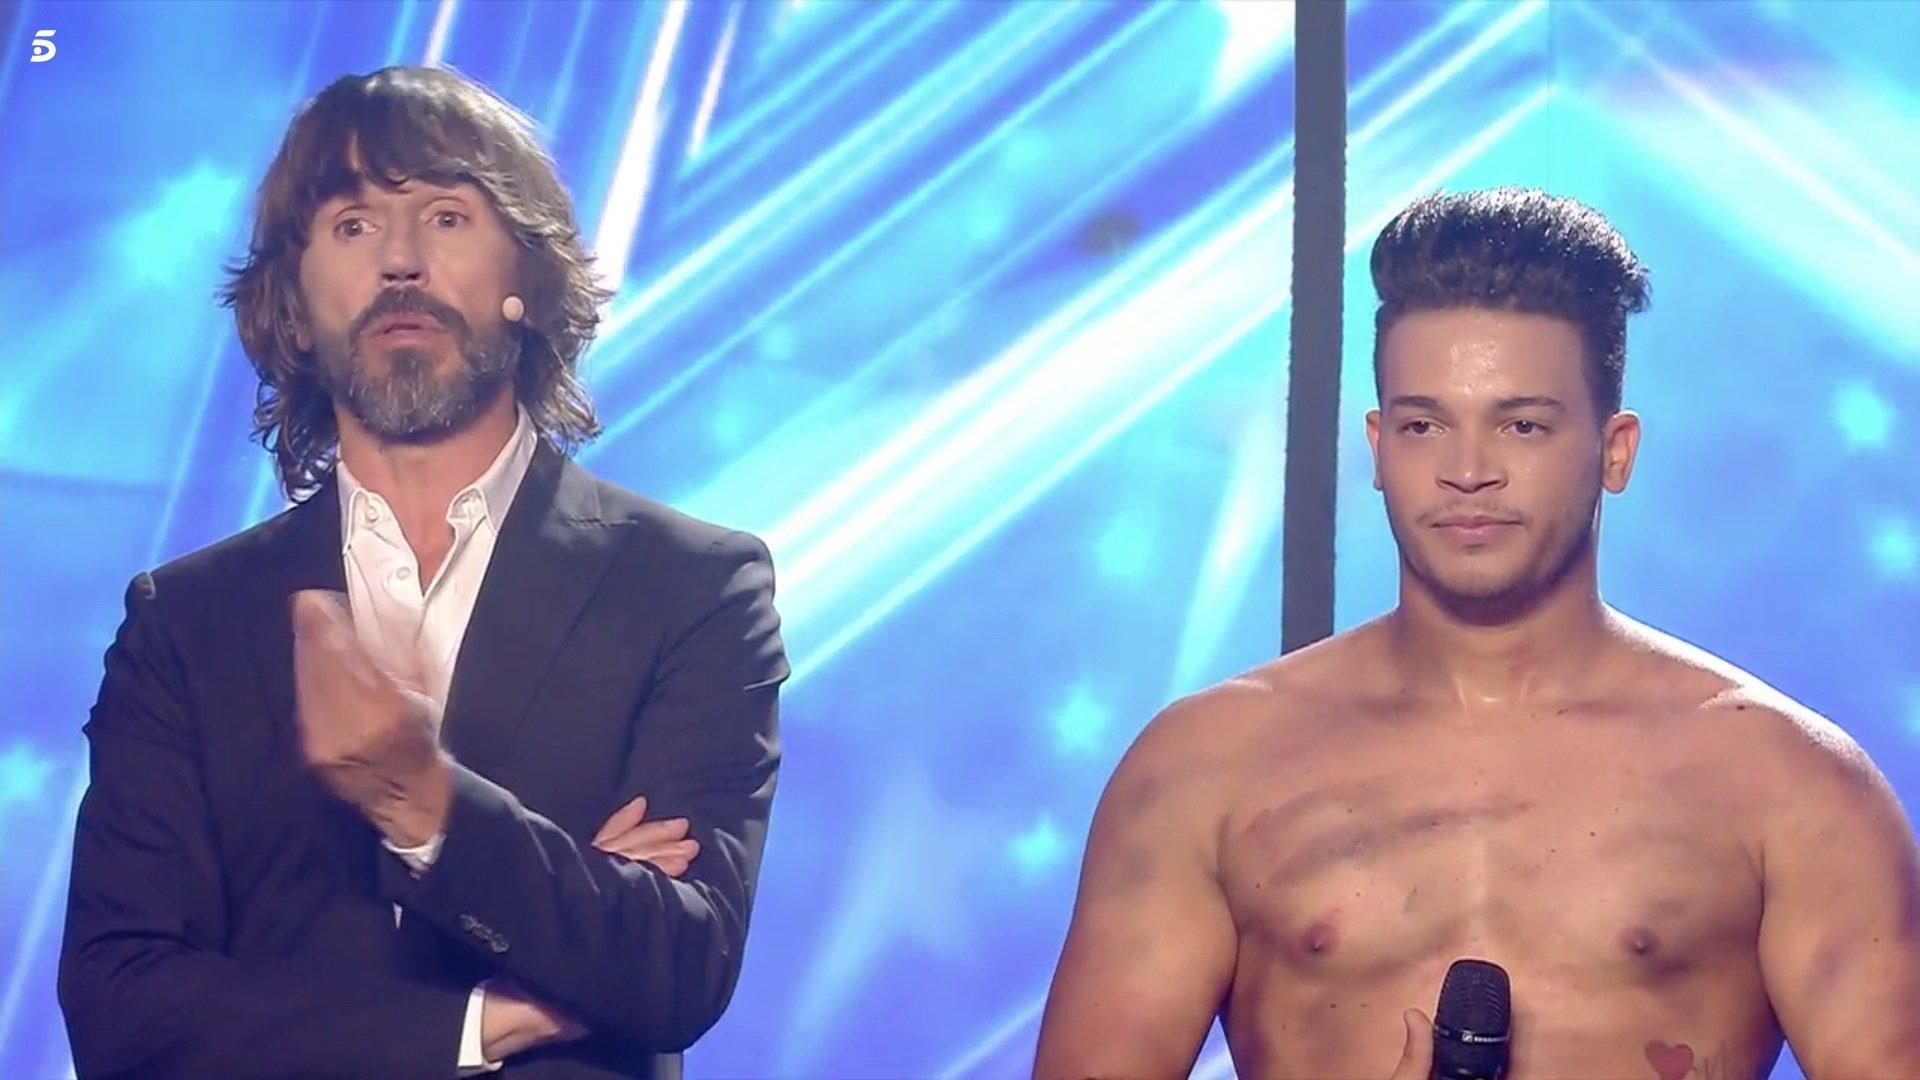 Lluvia de críticas a Santi Millán por un desafortunado chiste en la semifinal de 'Got